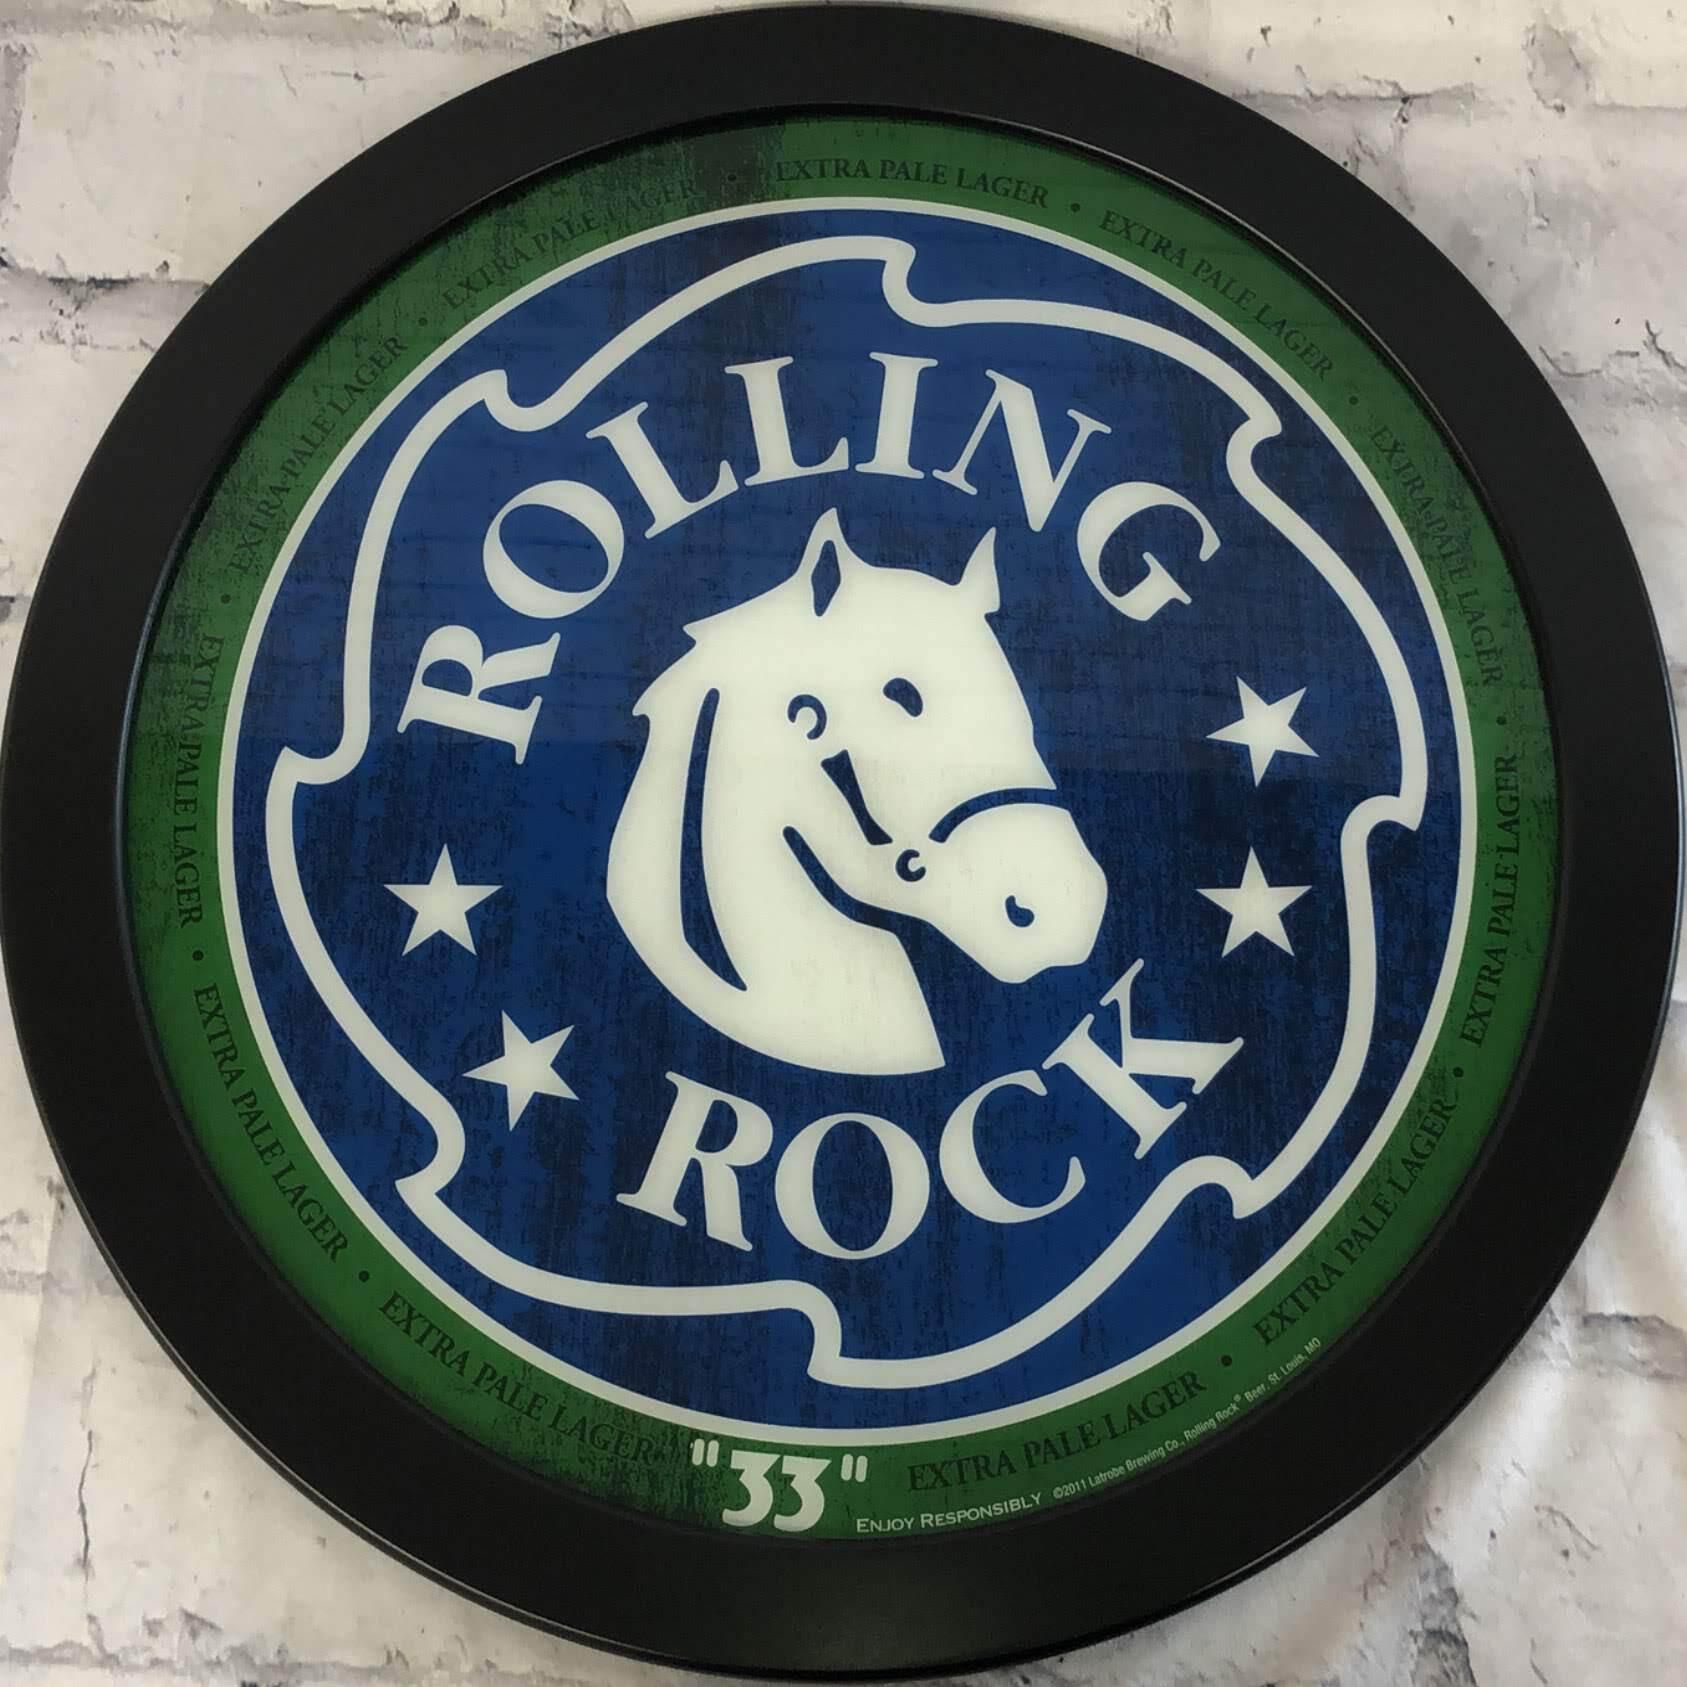 品番0477 サインボード 『ROLLING ROCK(ローリング ロック)』 壁掛 看板 アメリカン雑貨